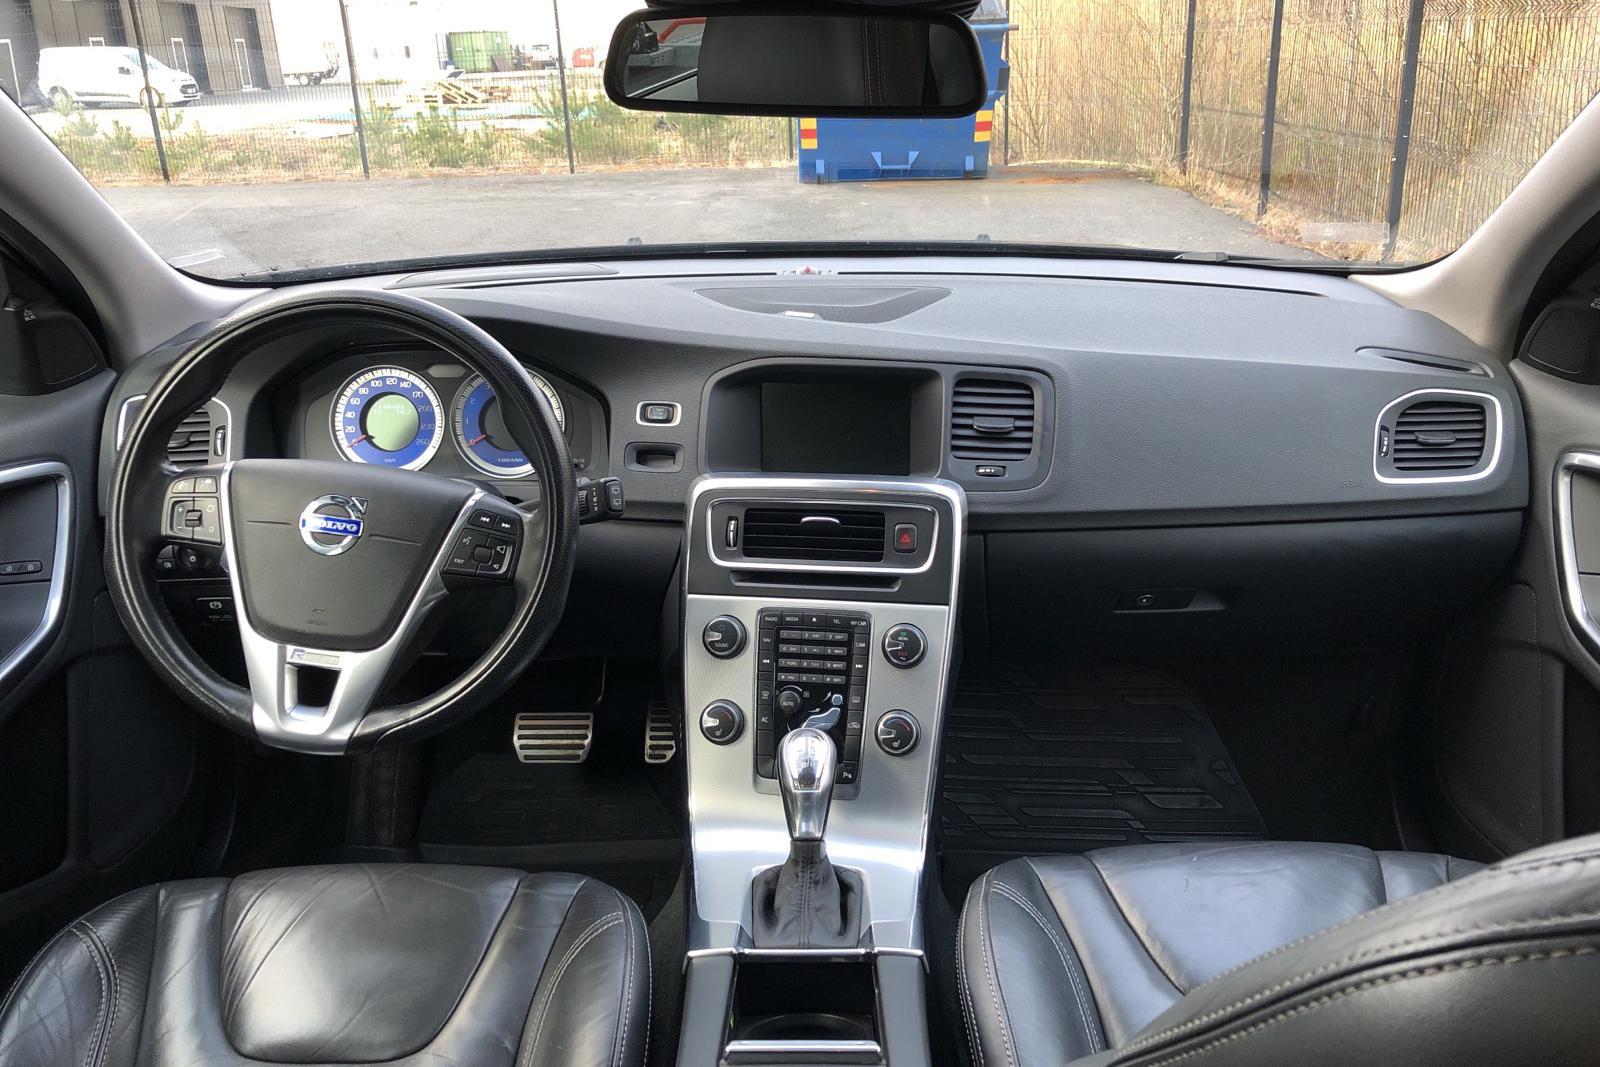 Volvo V60 T6 AWD (329hk) - 148 400 km - Automatic - black - 2013